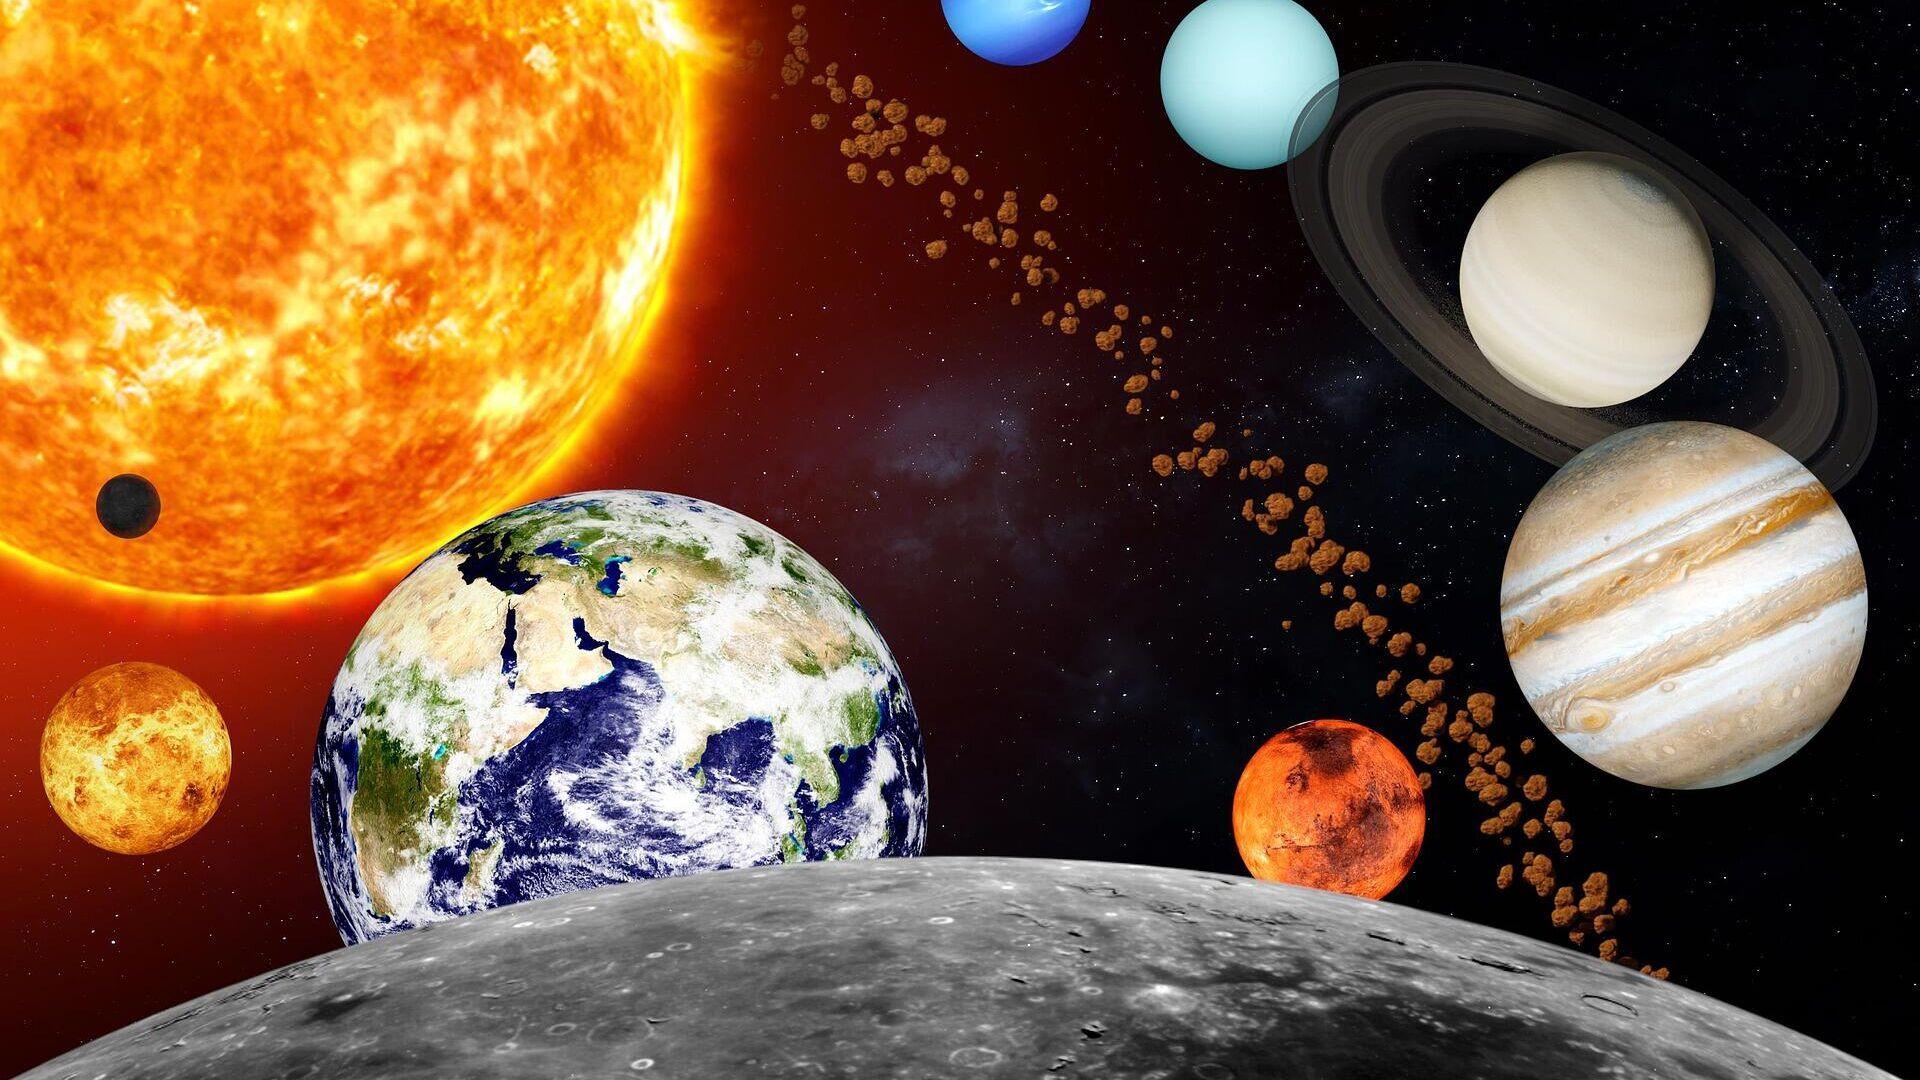 Planeten und Asteroiden im Weltraum (Symbolbild) - SNA, 1920, 06.10.2021